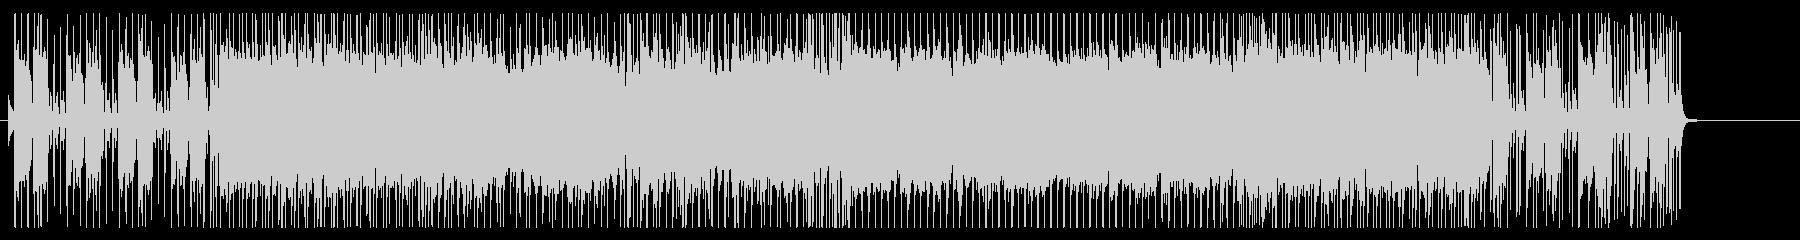 アップテンポのギターロックの未再生の波形